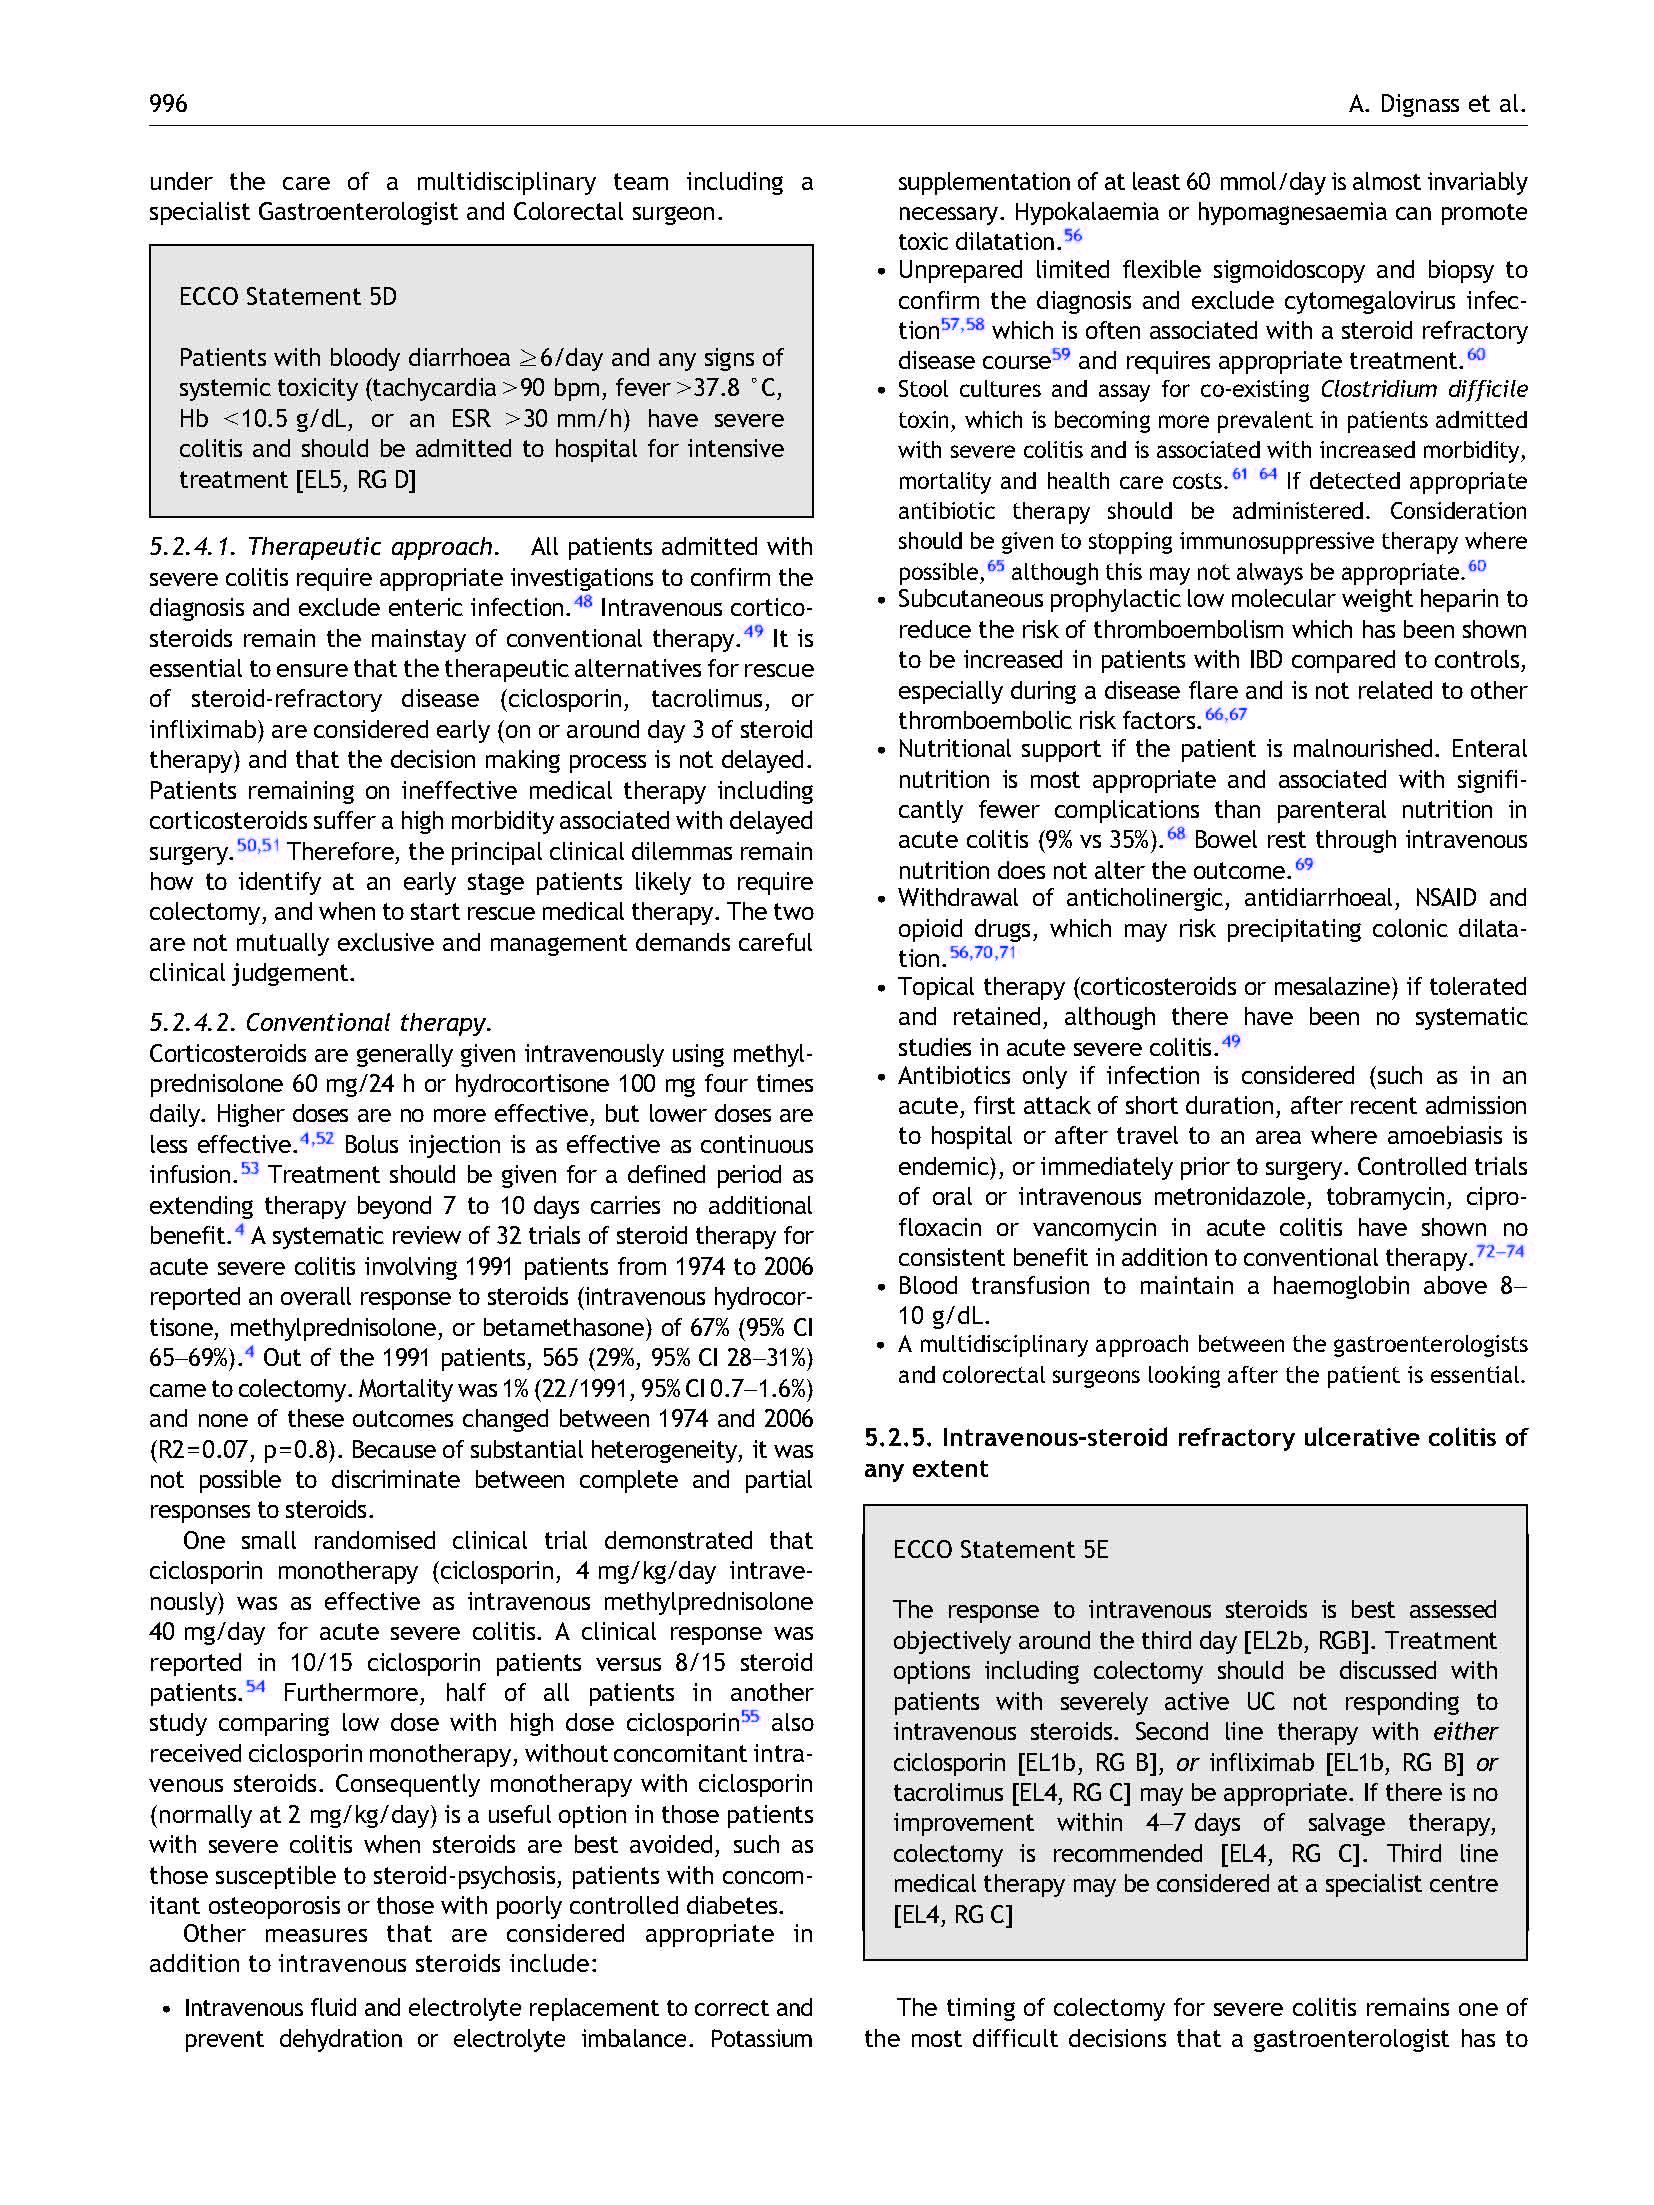 2012-ECCO第二版-欧洲询证共识:溃疡性结肠炎的诊断和处理—日常处理_页面_06.jpg